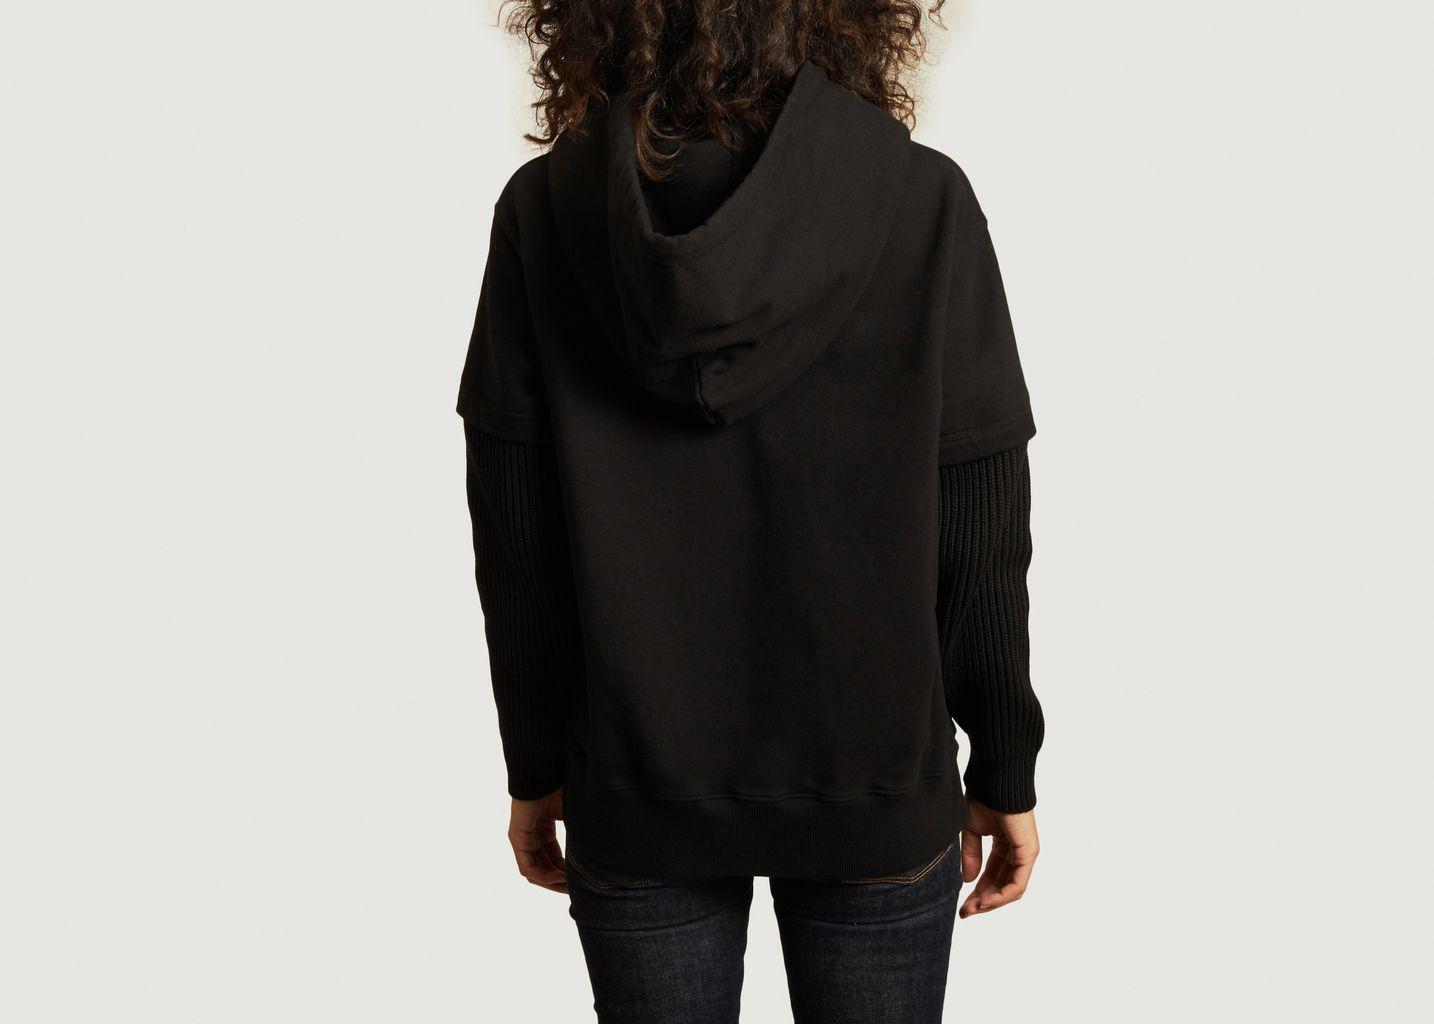 Hoodie en coton avec manches côtelées - MM6 Maison Margiela